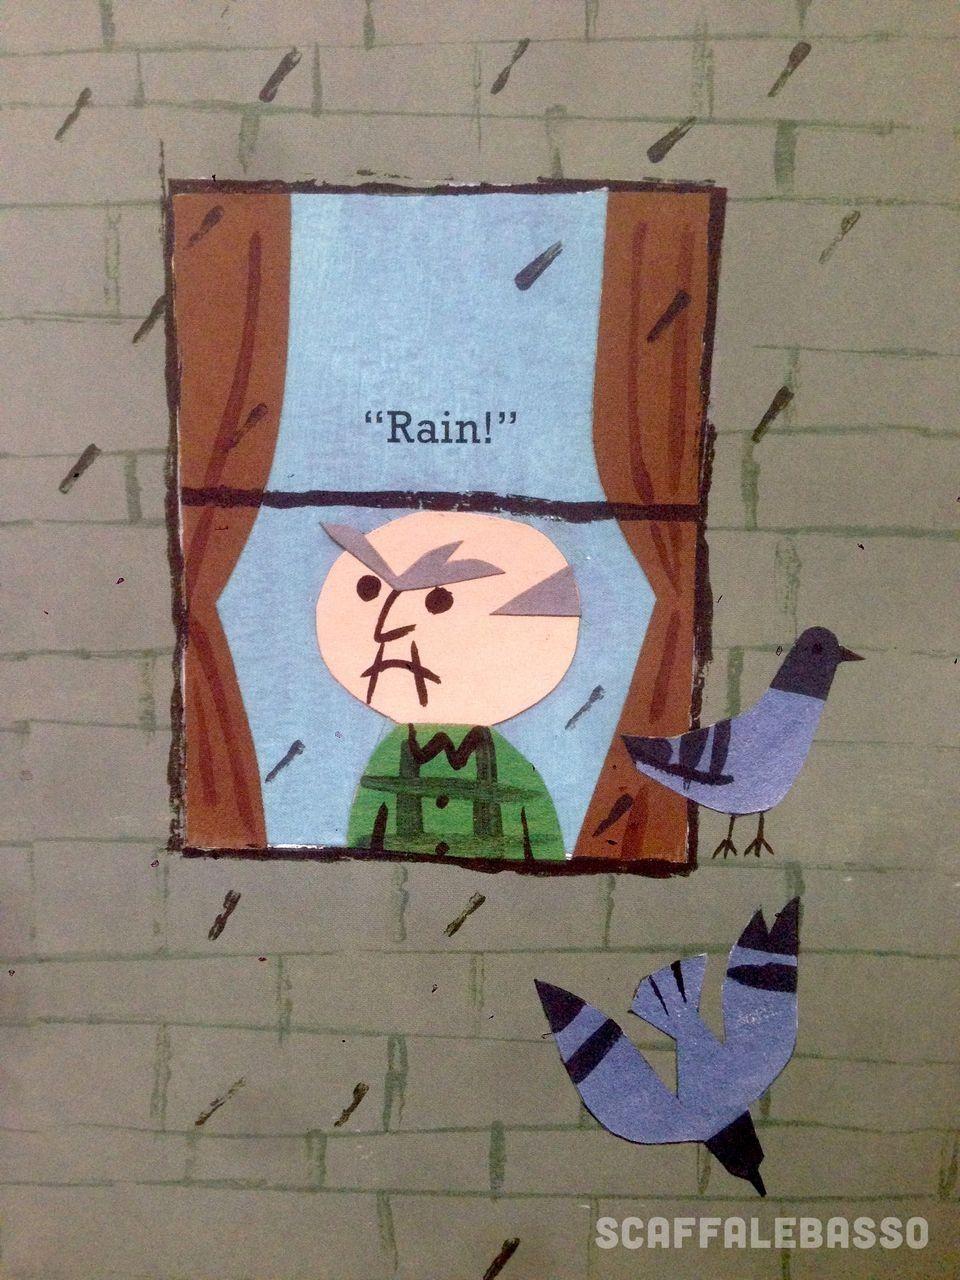 Christian Robinson, Rain!, Houghton Mifflin http://www.scaffalebasso.it/mercoledi-al-cubo-consigli-per-le-vacanze/